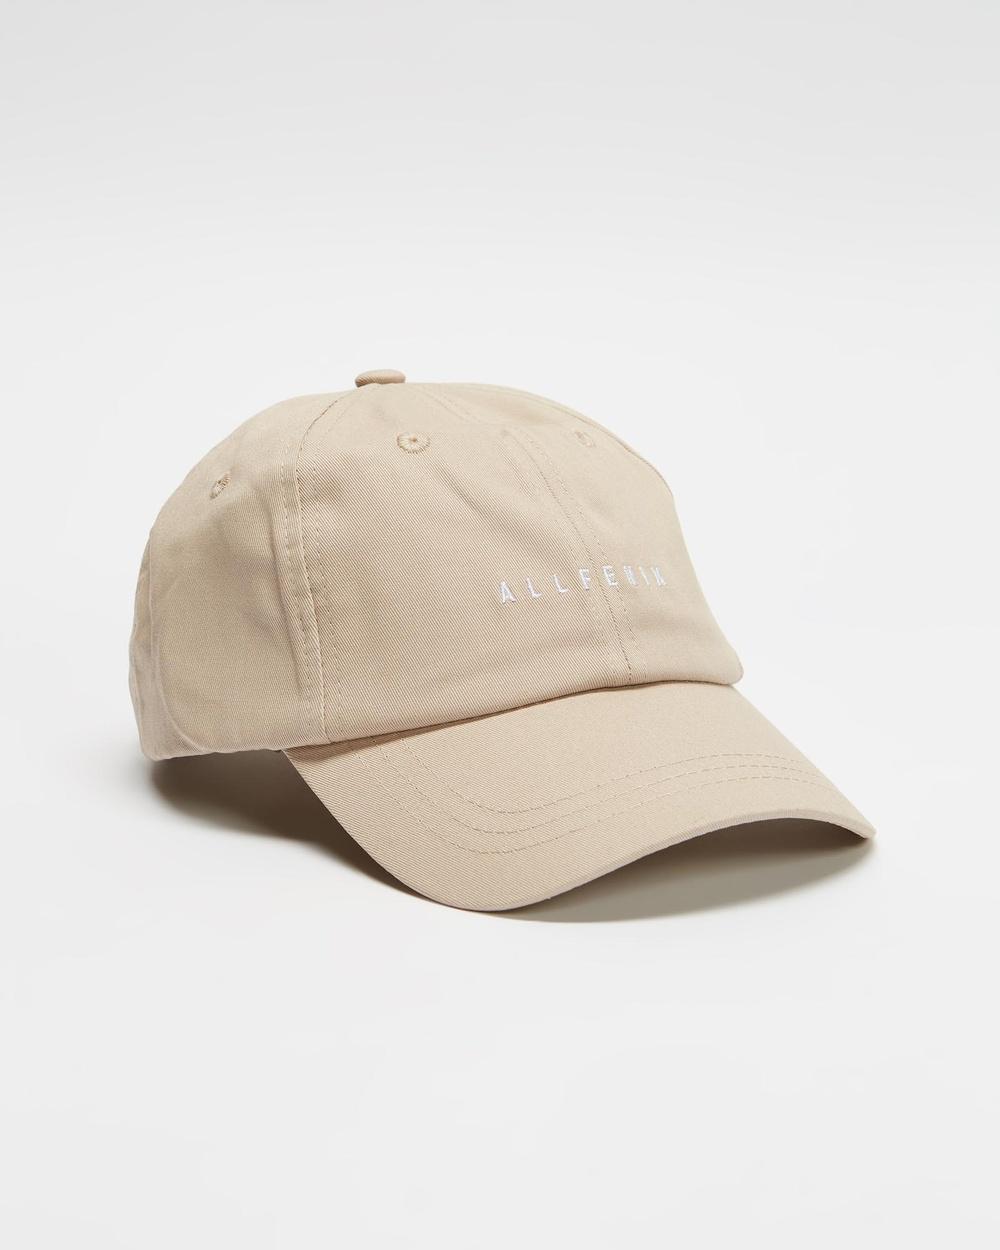 All Fenix Cap Headwear Tan